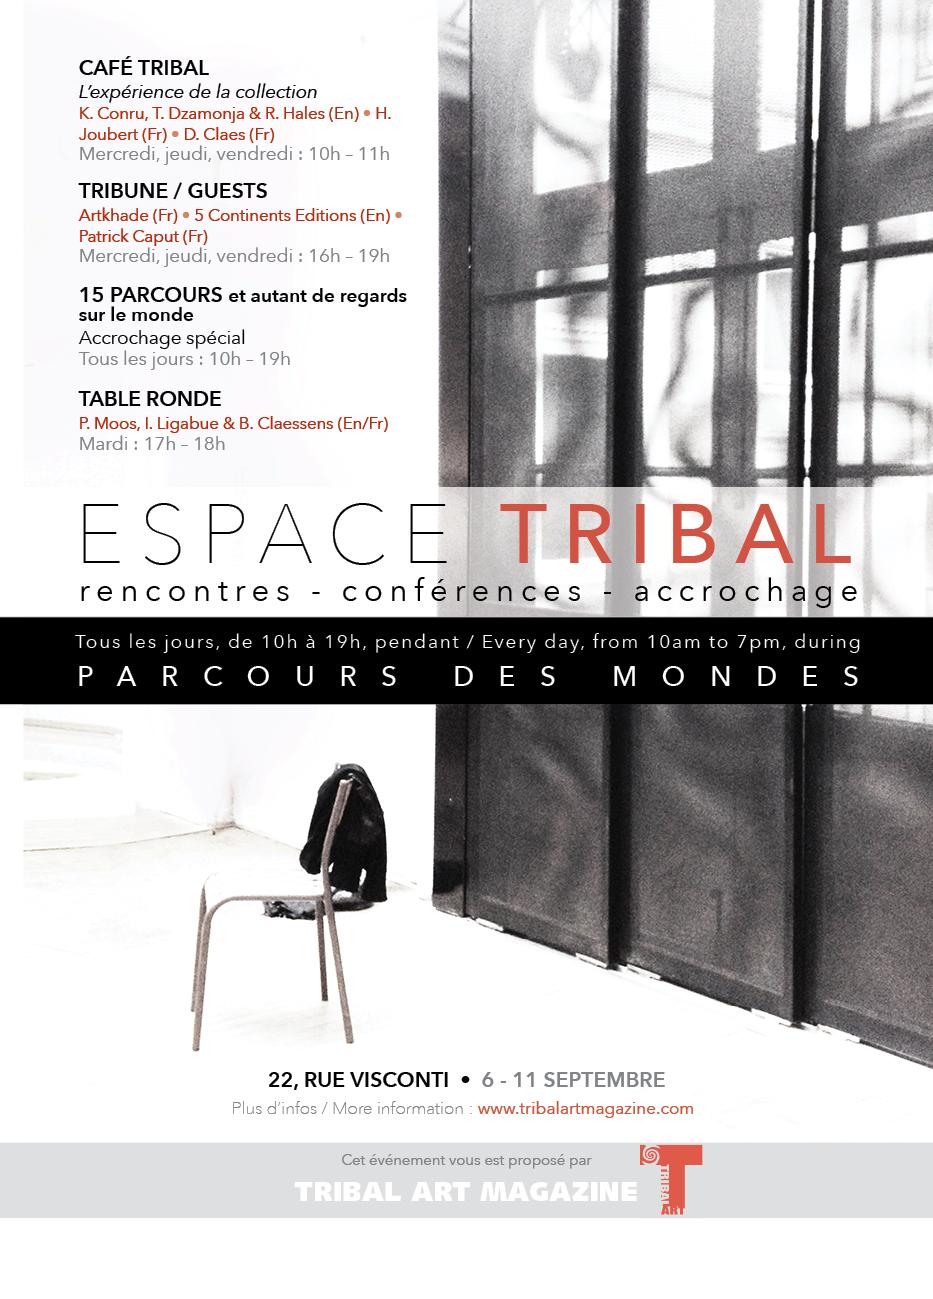 Parcours des Mondes 2016 & Espace Tribal